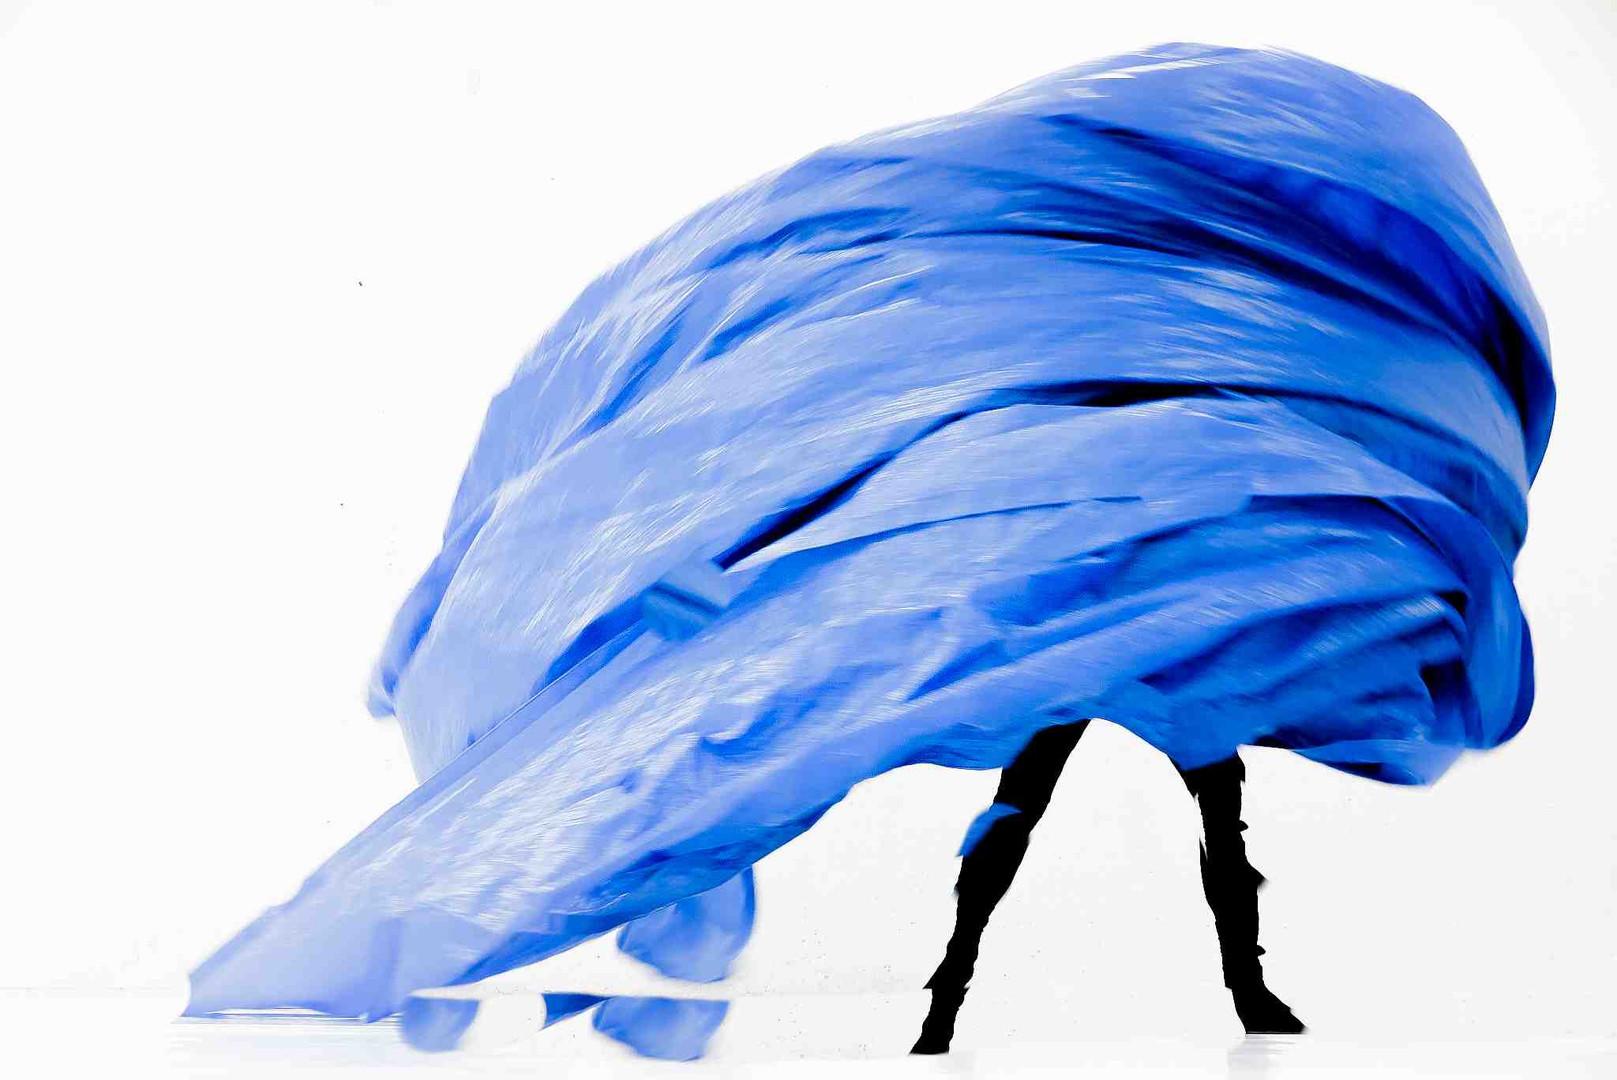 La cabeza en azul 2.jpeg